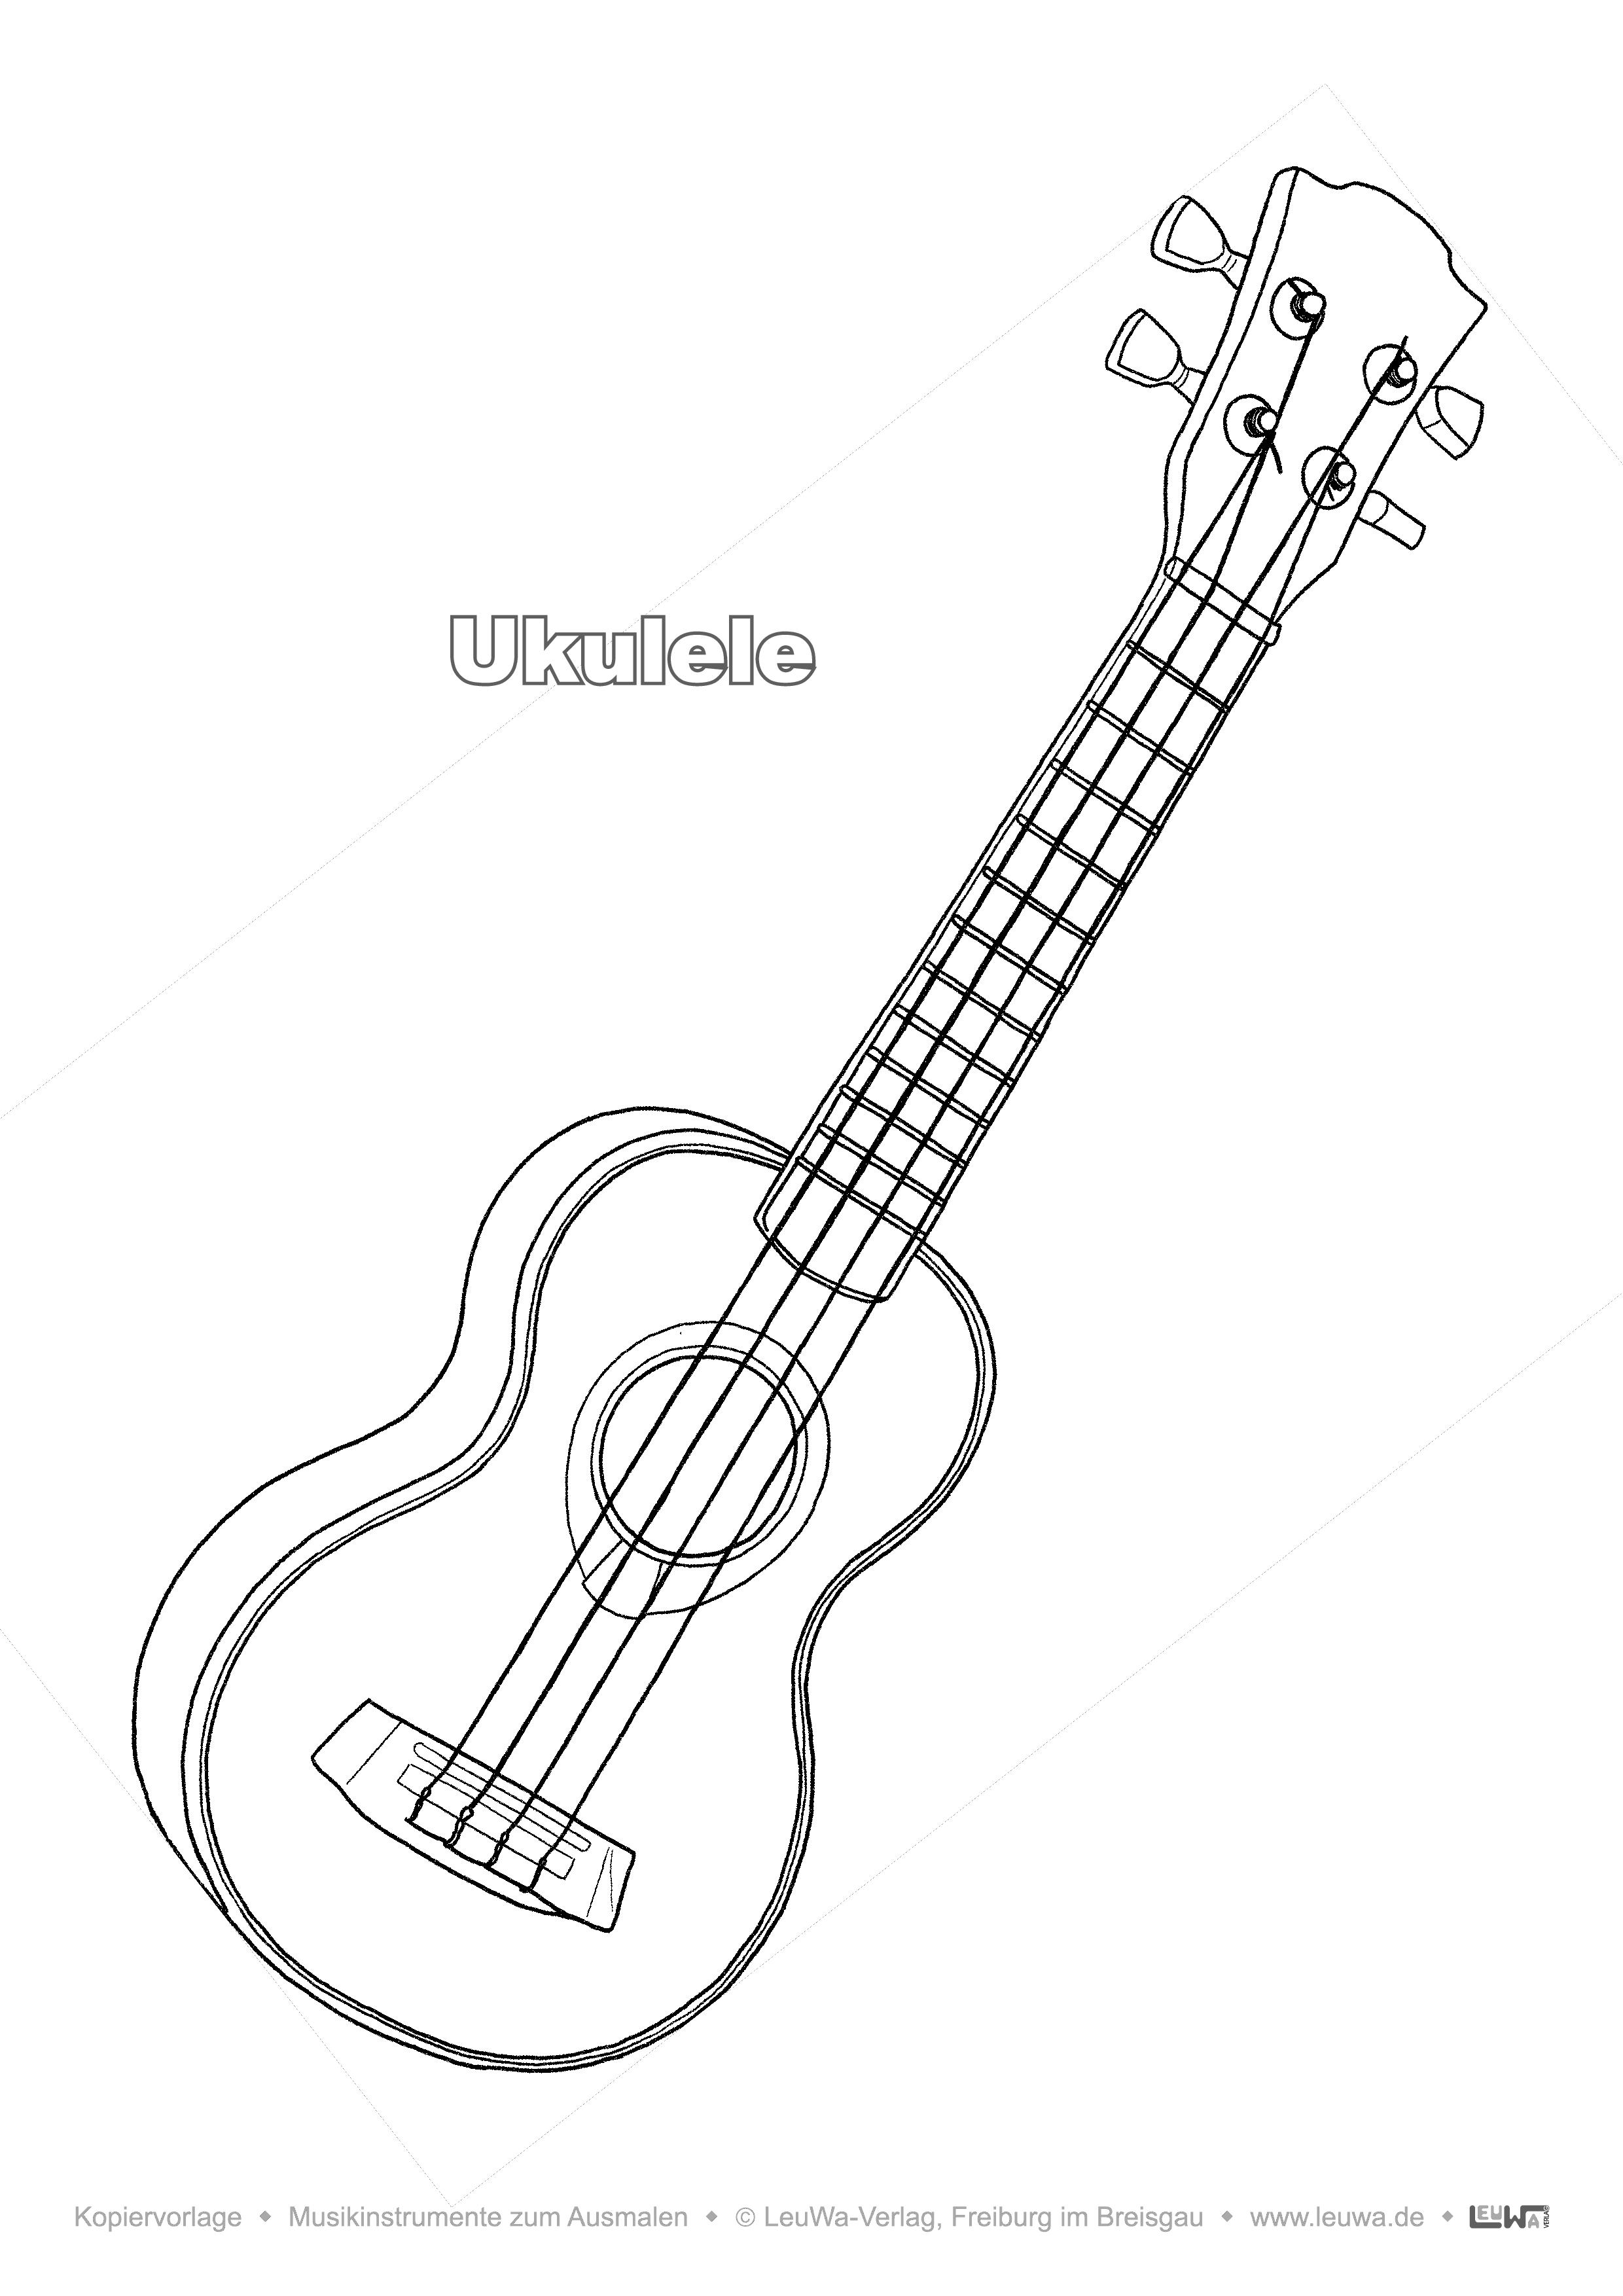 Musikinstrument Zum Ausmalen Ukulele Unterrichtsmaterial In Den Fachern Kunst Musik Kunst Grundschule Ausmalen Kunstunterricht Grundschule